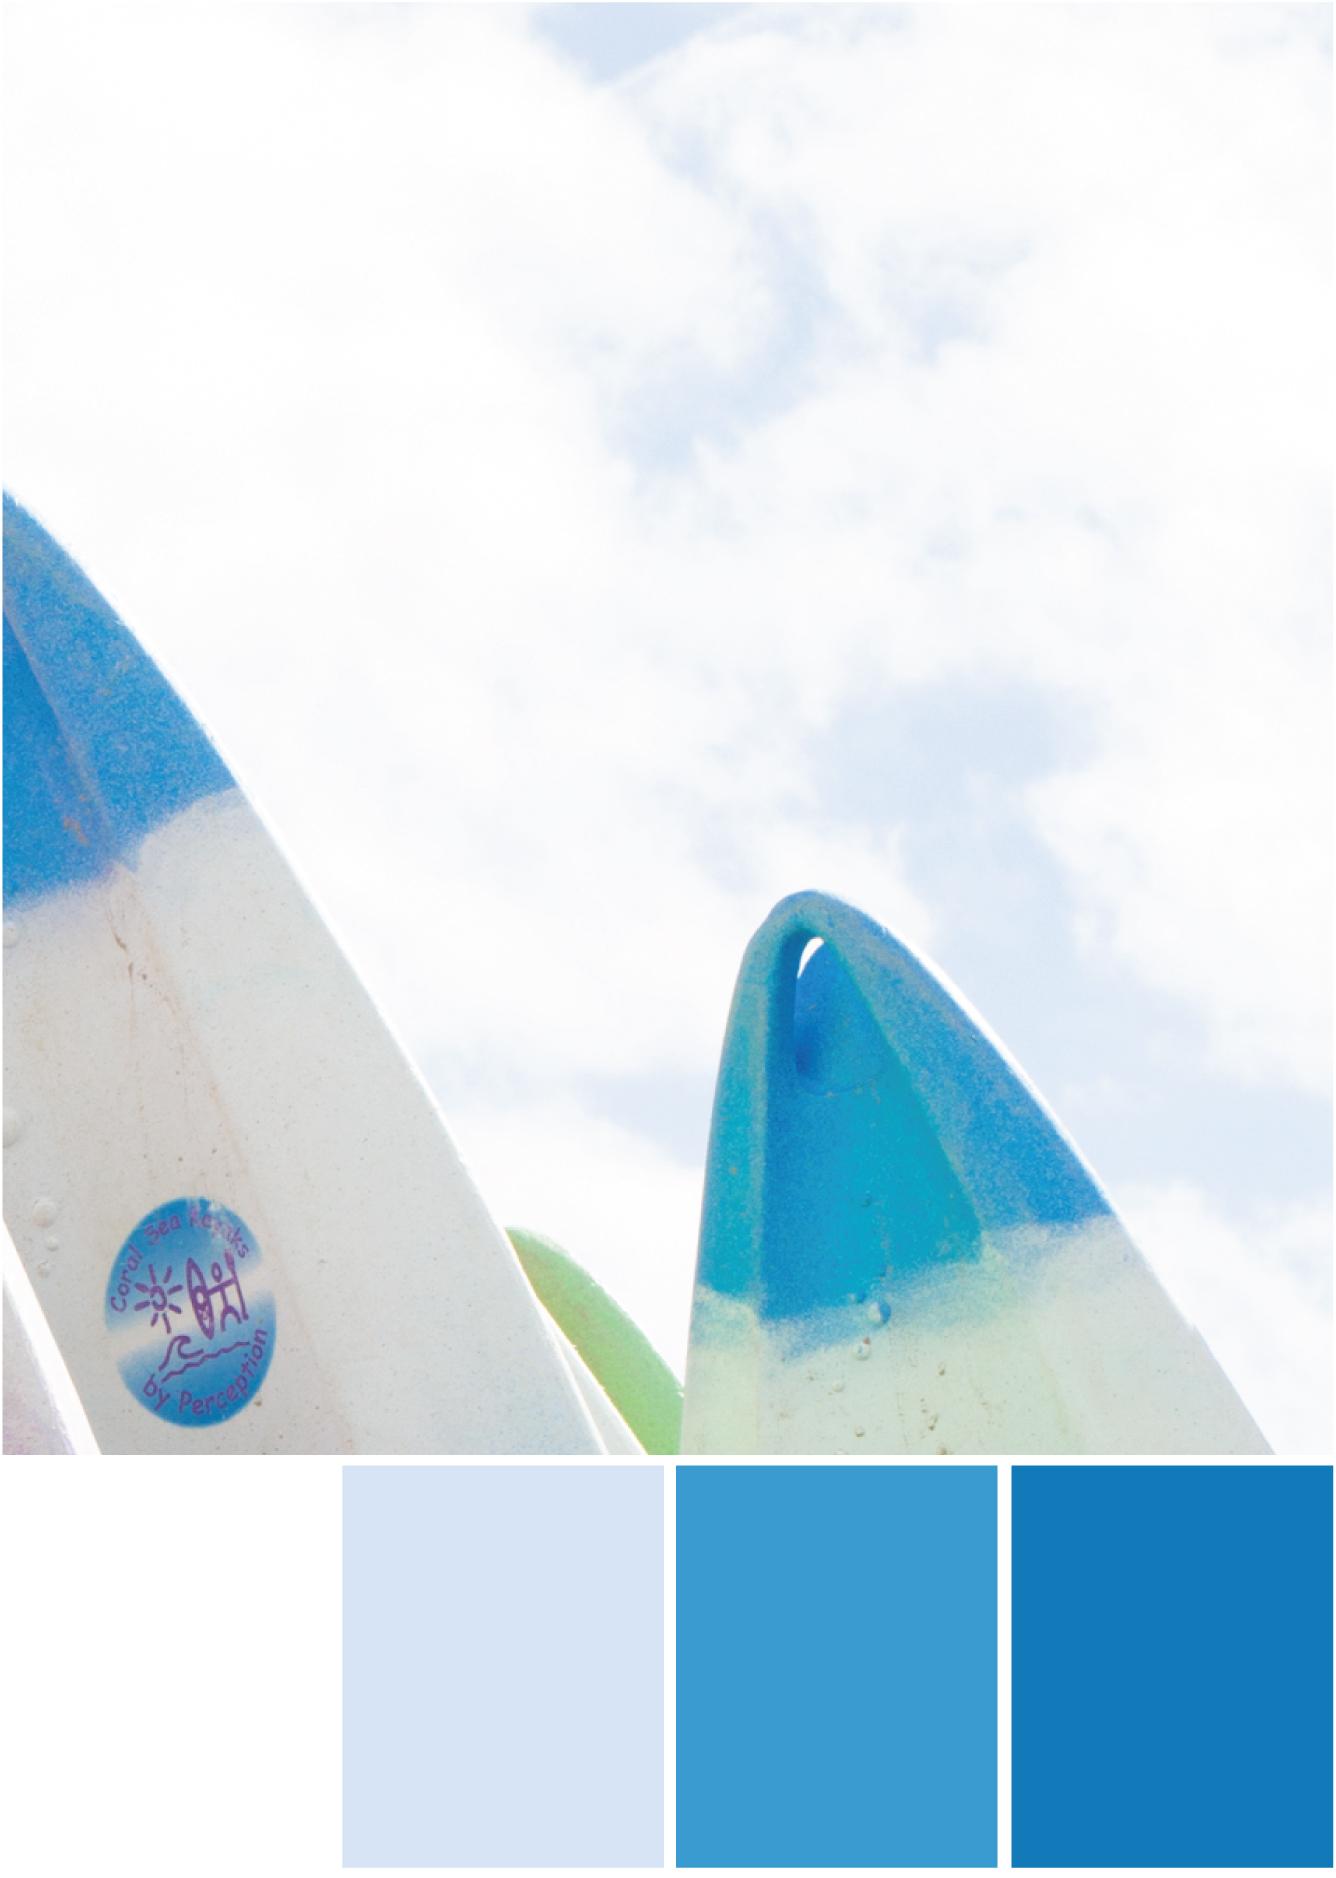 Farbkombinationen mit Weiß und Blau - Tweed & Greet